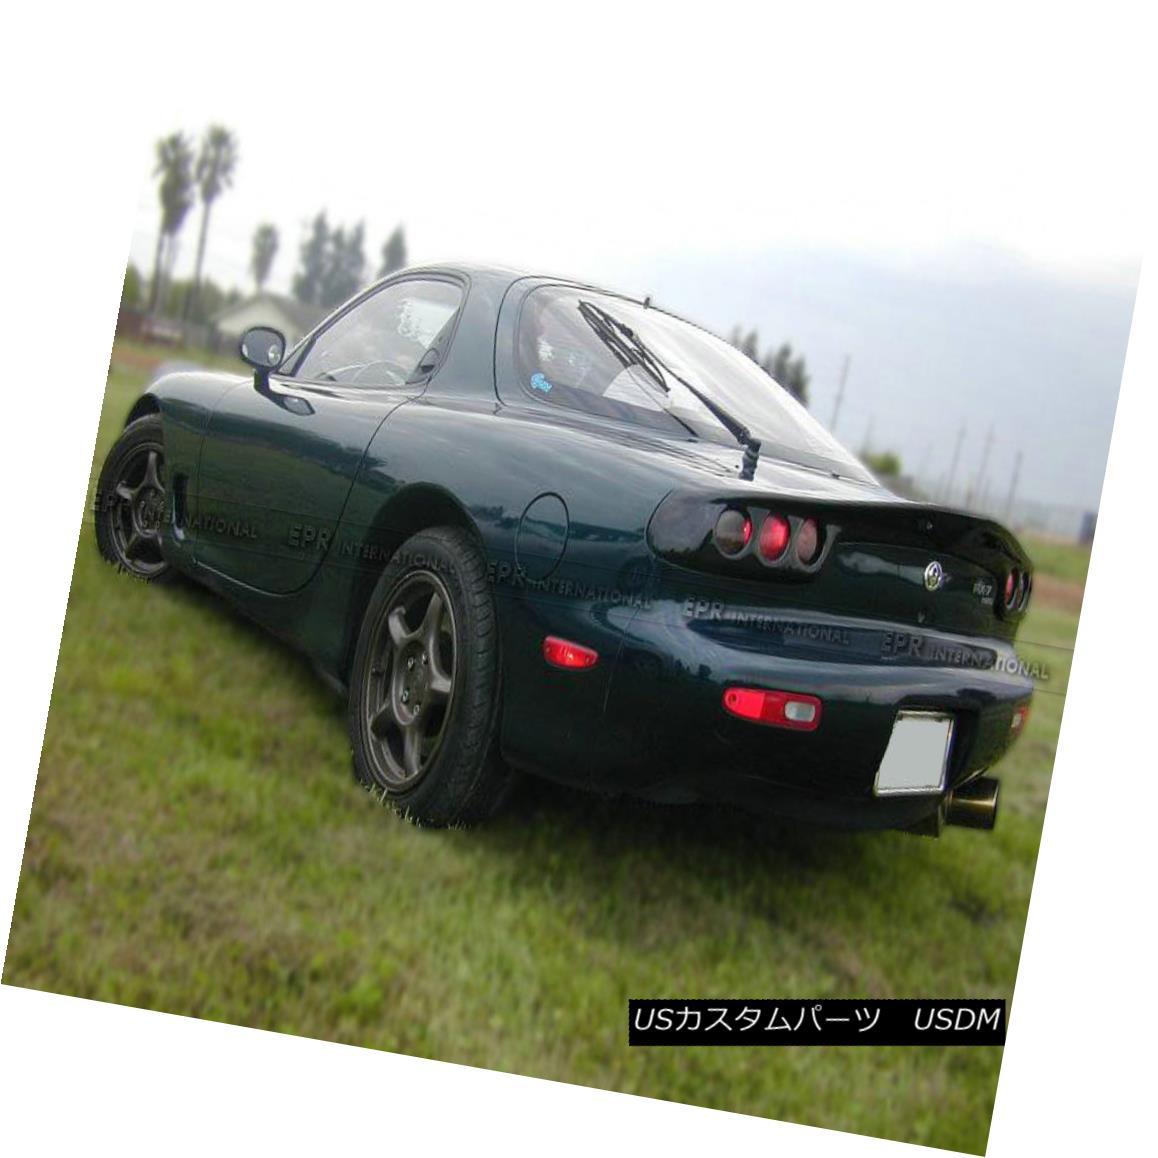 エアロパーツ AER Rear Lamb Trunk Light Cover For Mazda RX7 FD3S RE Style Carbon Fiber マツダRX7 FD3S REスタイルカーボンファイバーのためのAERリアラムトランクライトカバー